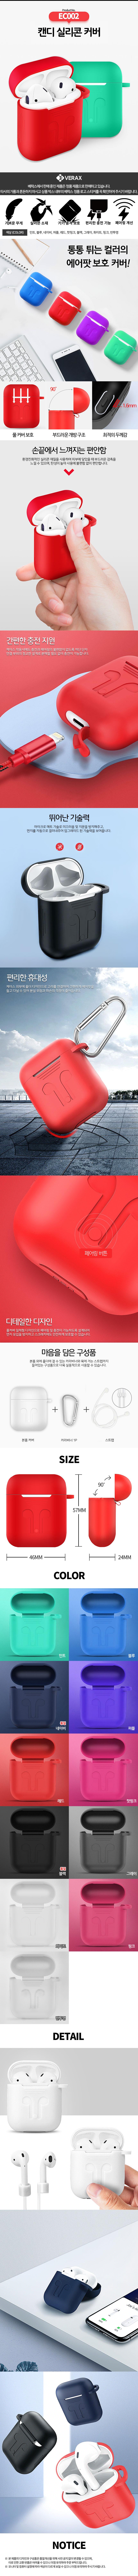 EC002 정품 캔디 실리콘 에어팟  케이스 [스트랩포함] - 베락스, 11,000원, 케이스, 에어팟